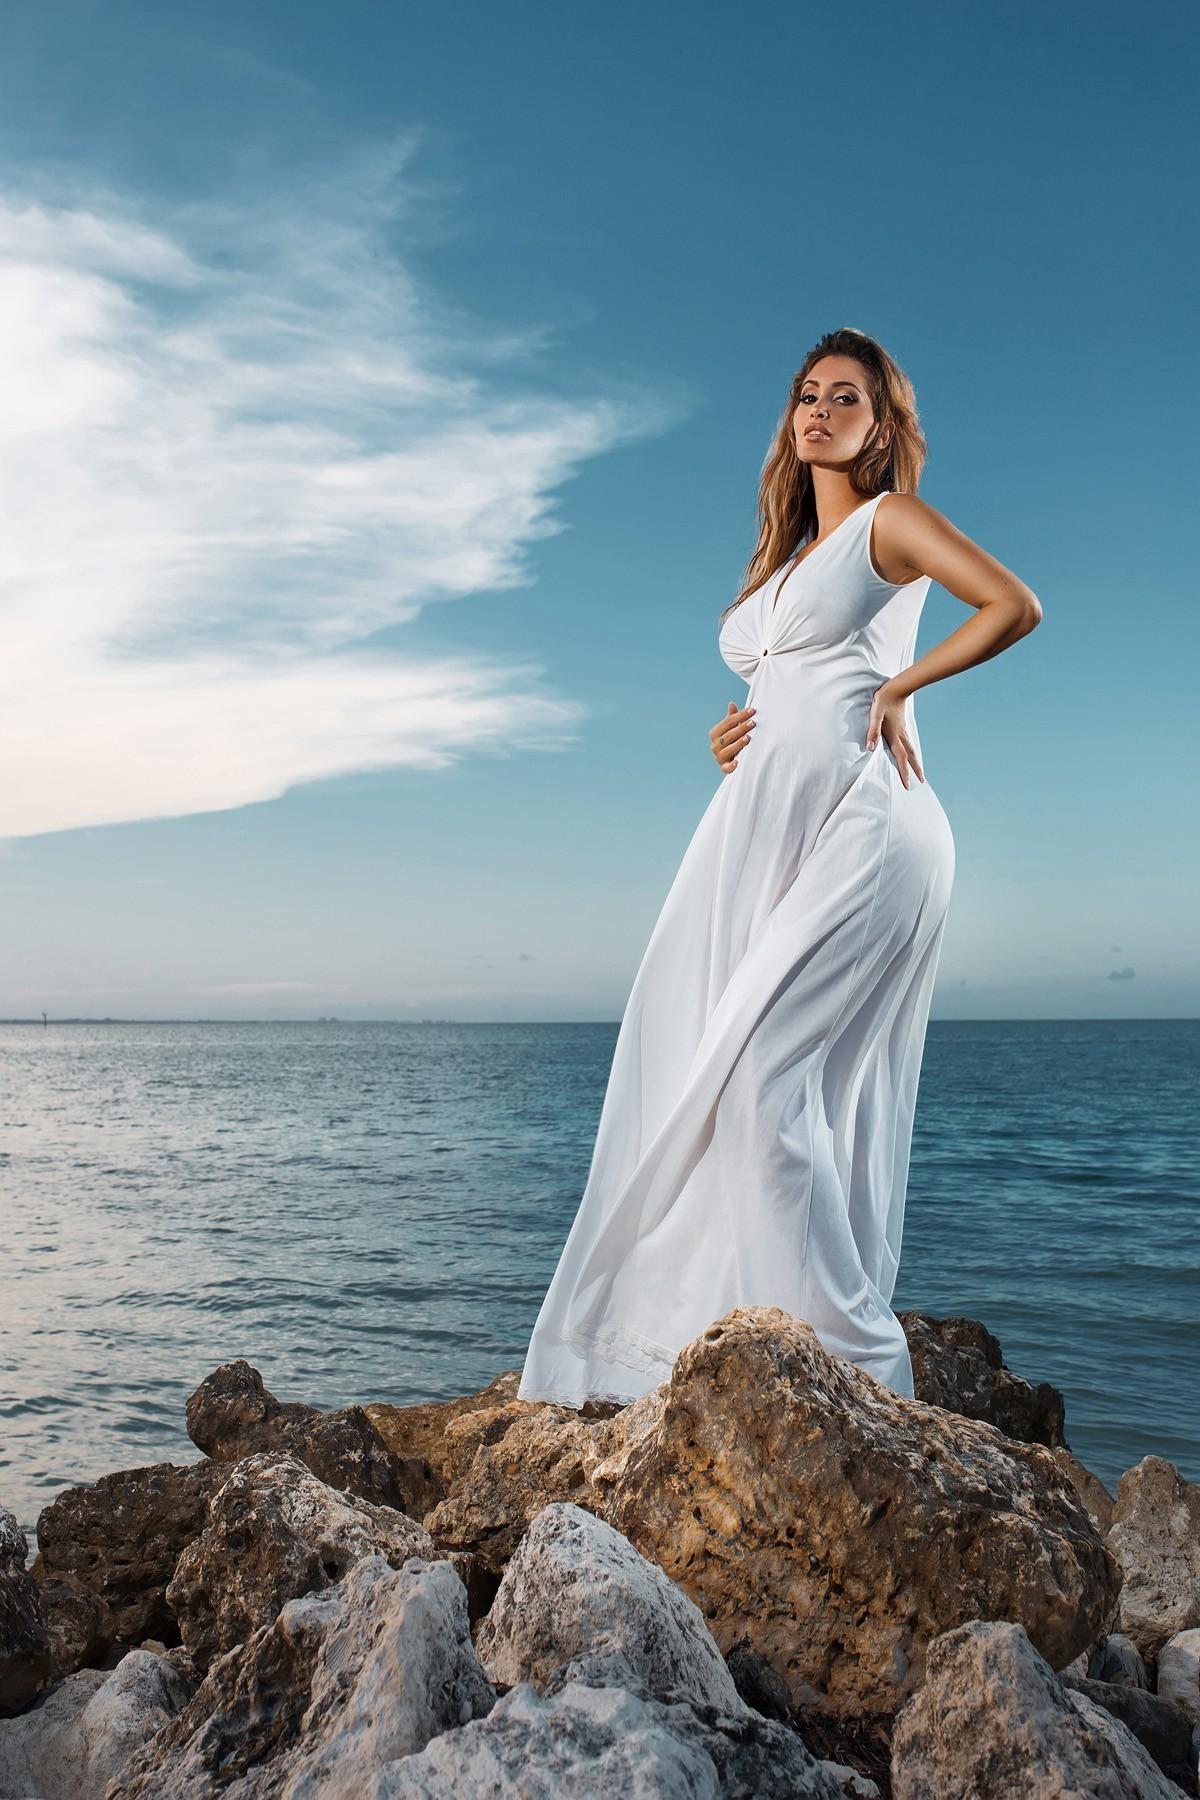 свадебное платье для фотосессии на море сначала казалось